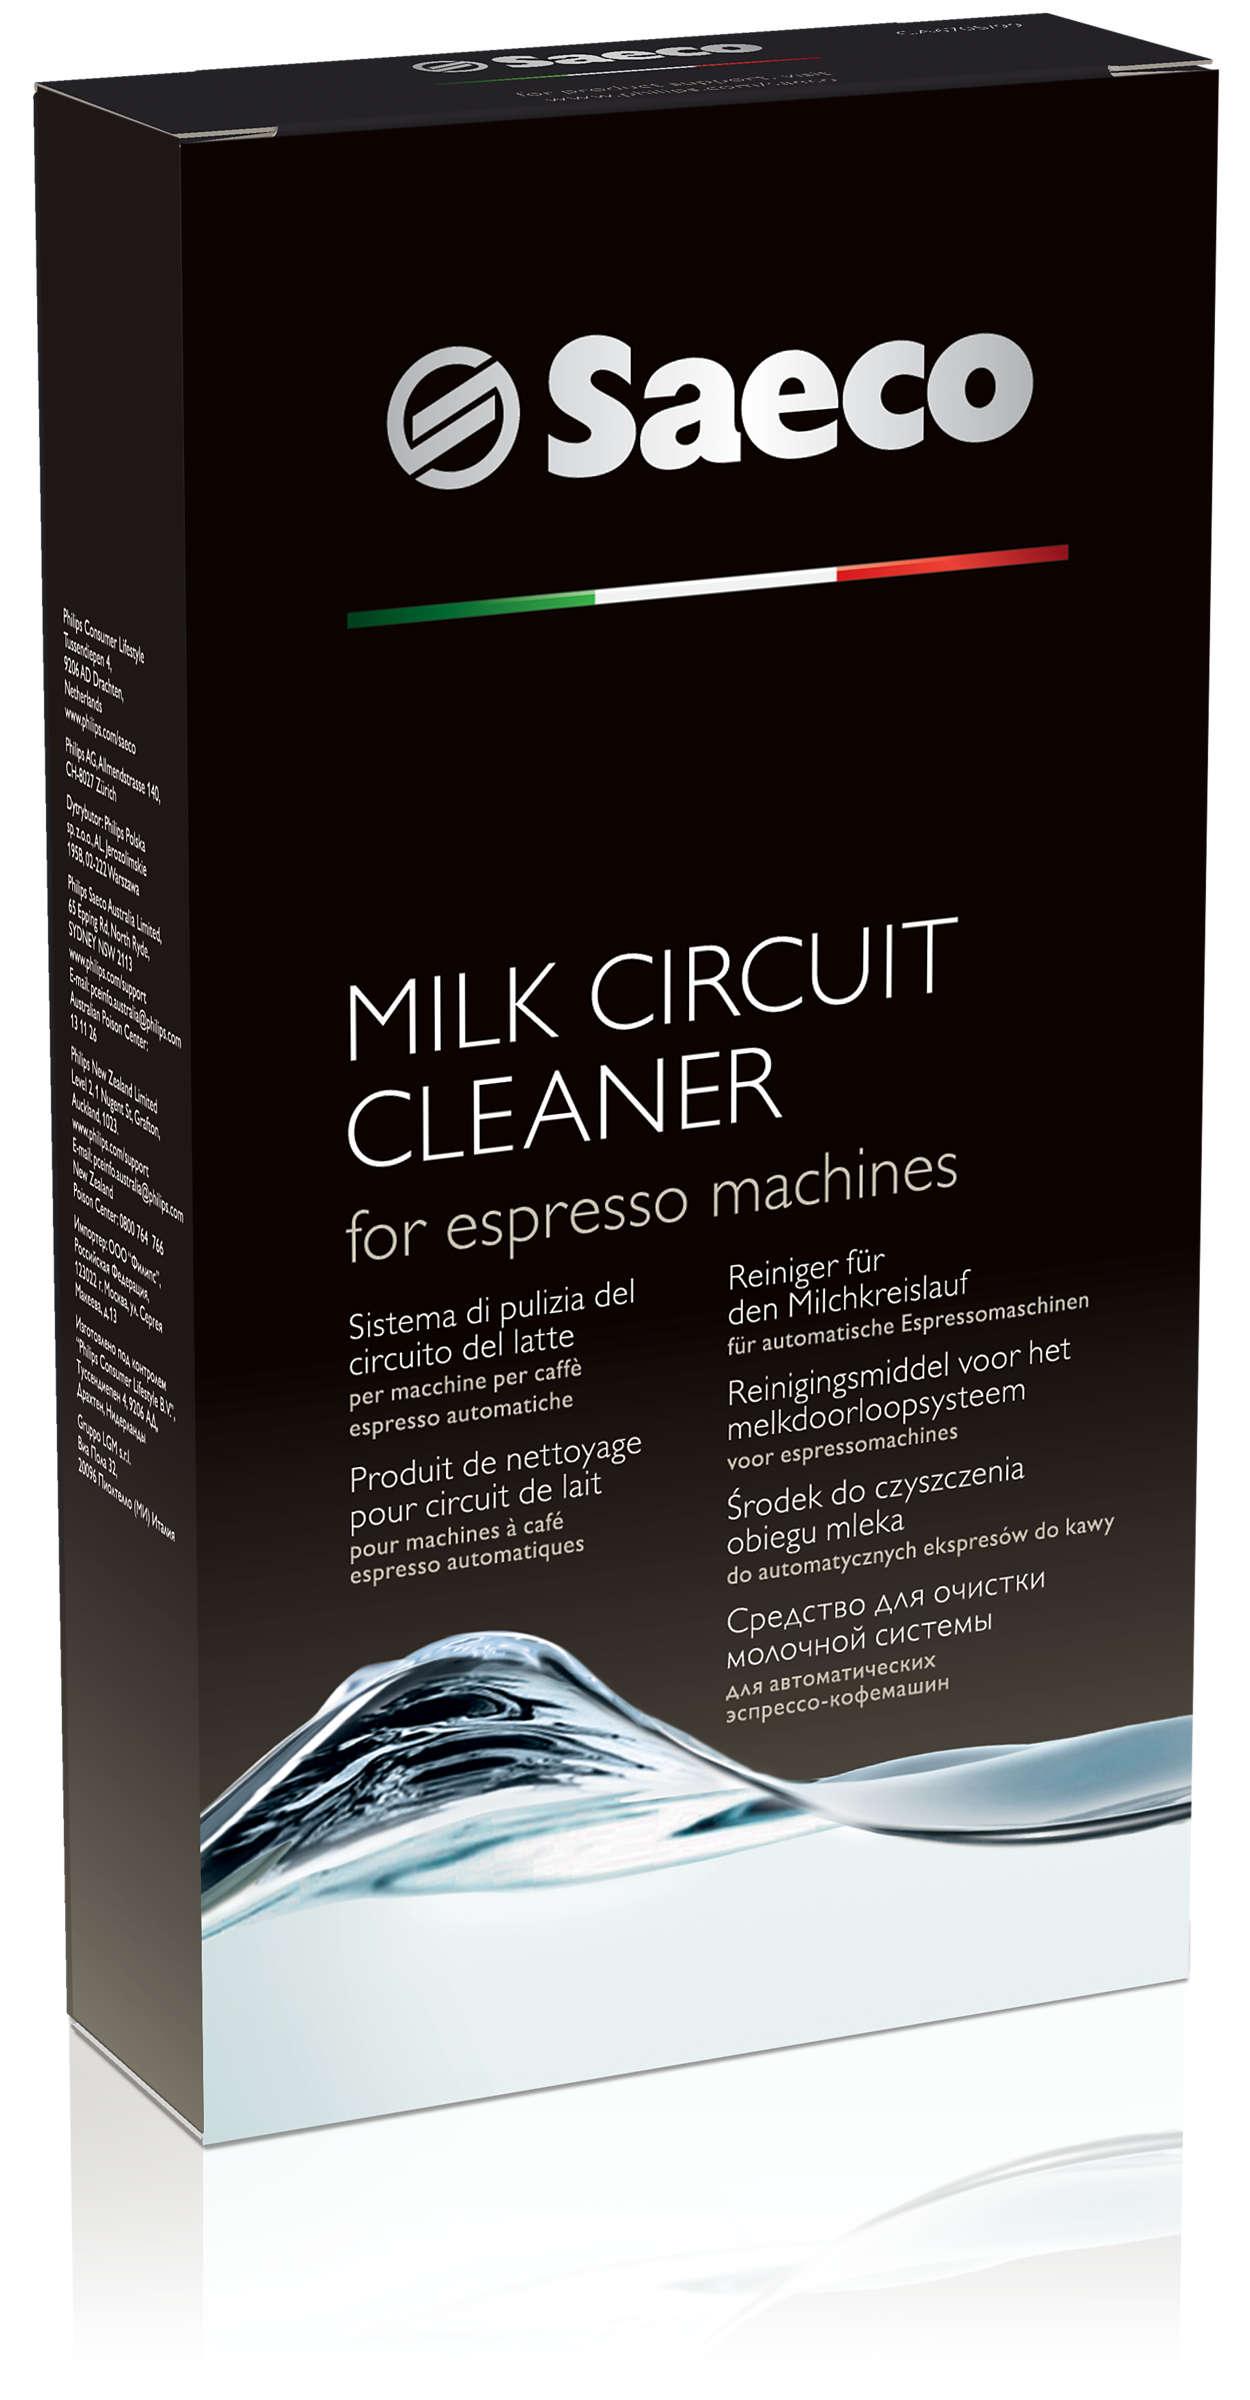 Doskonałe czyszczenie obiegu mleka